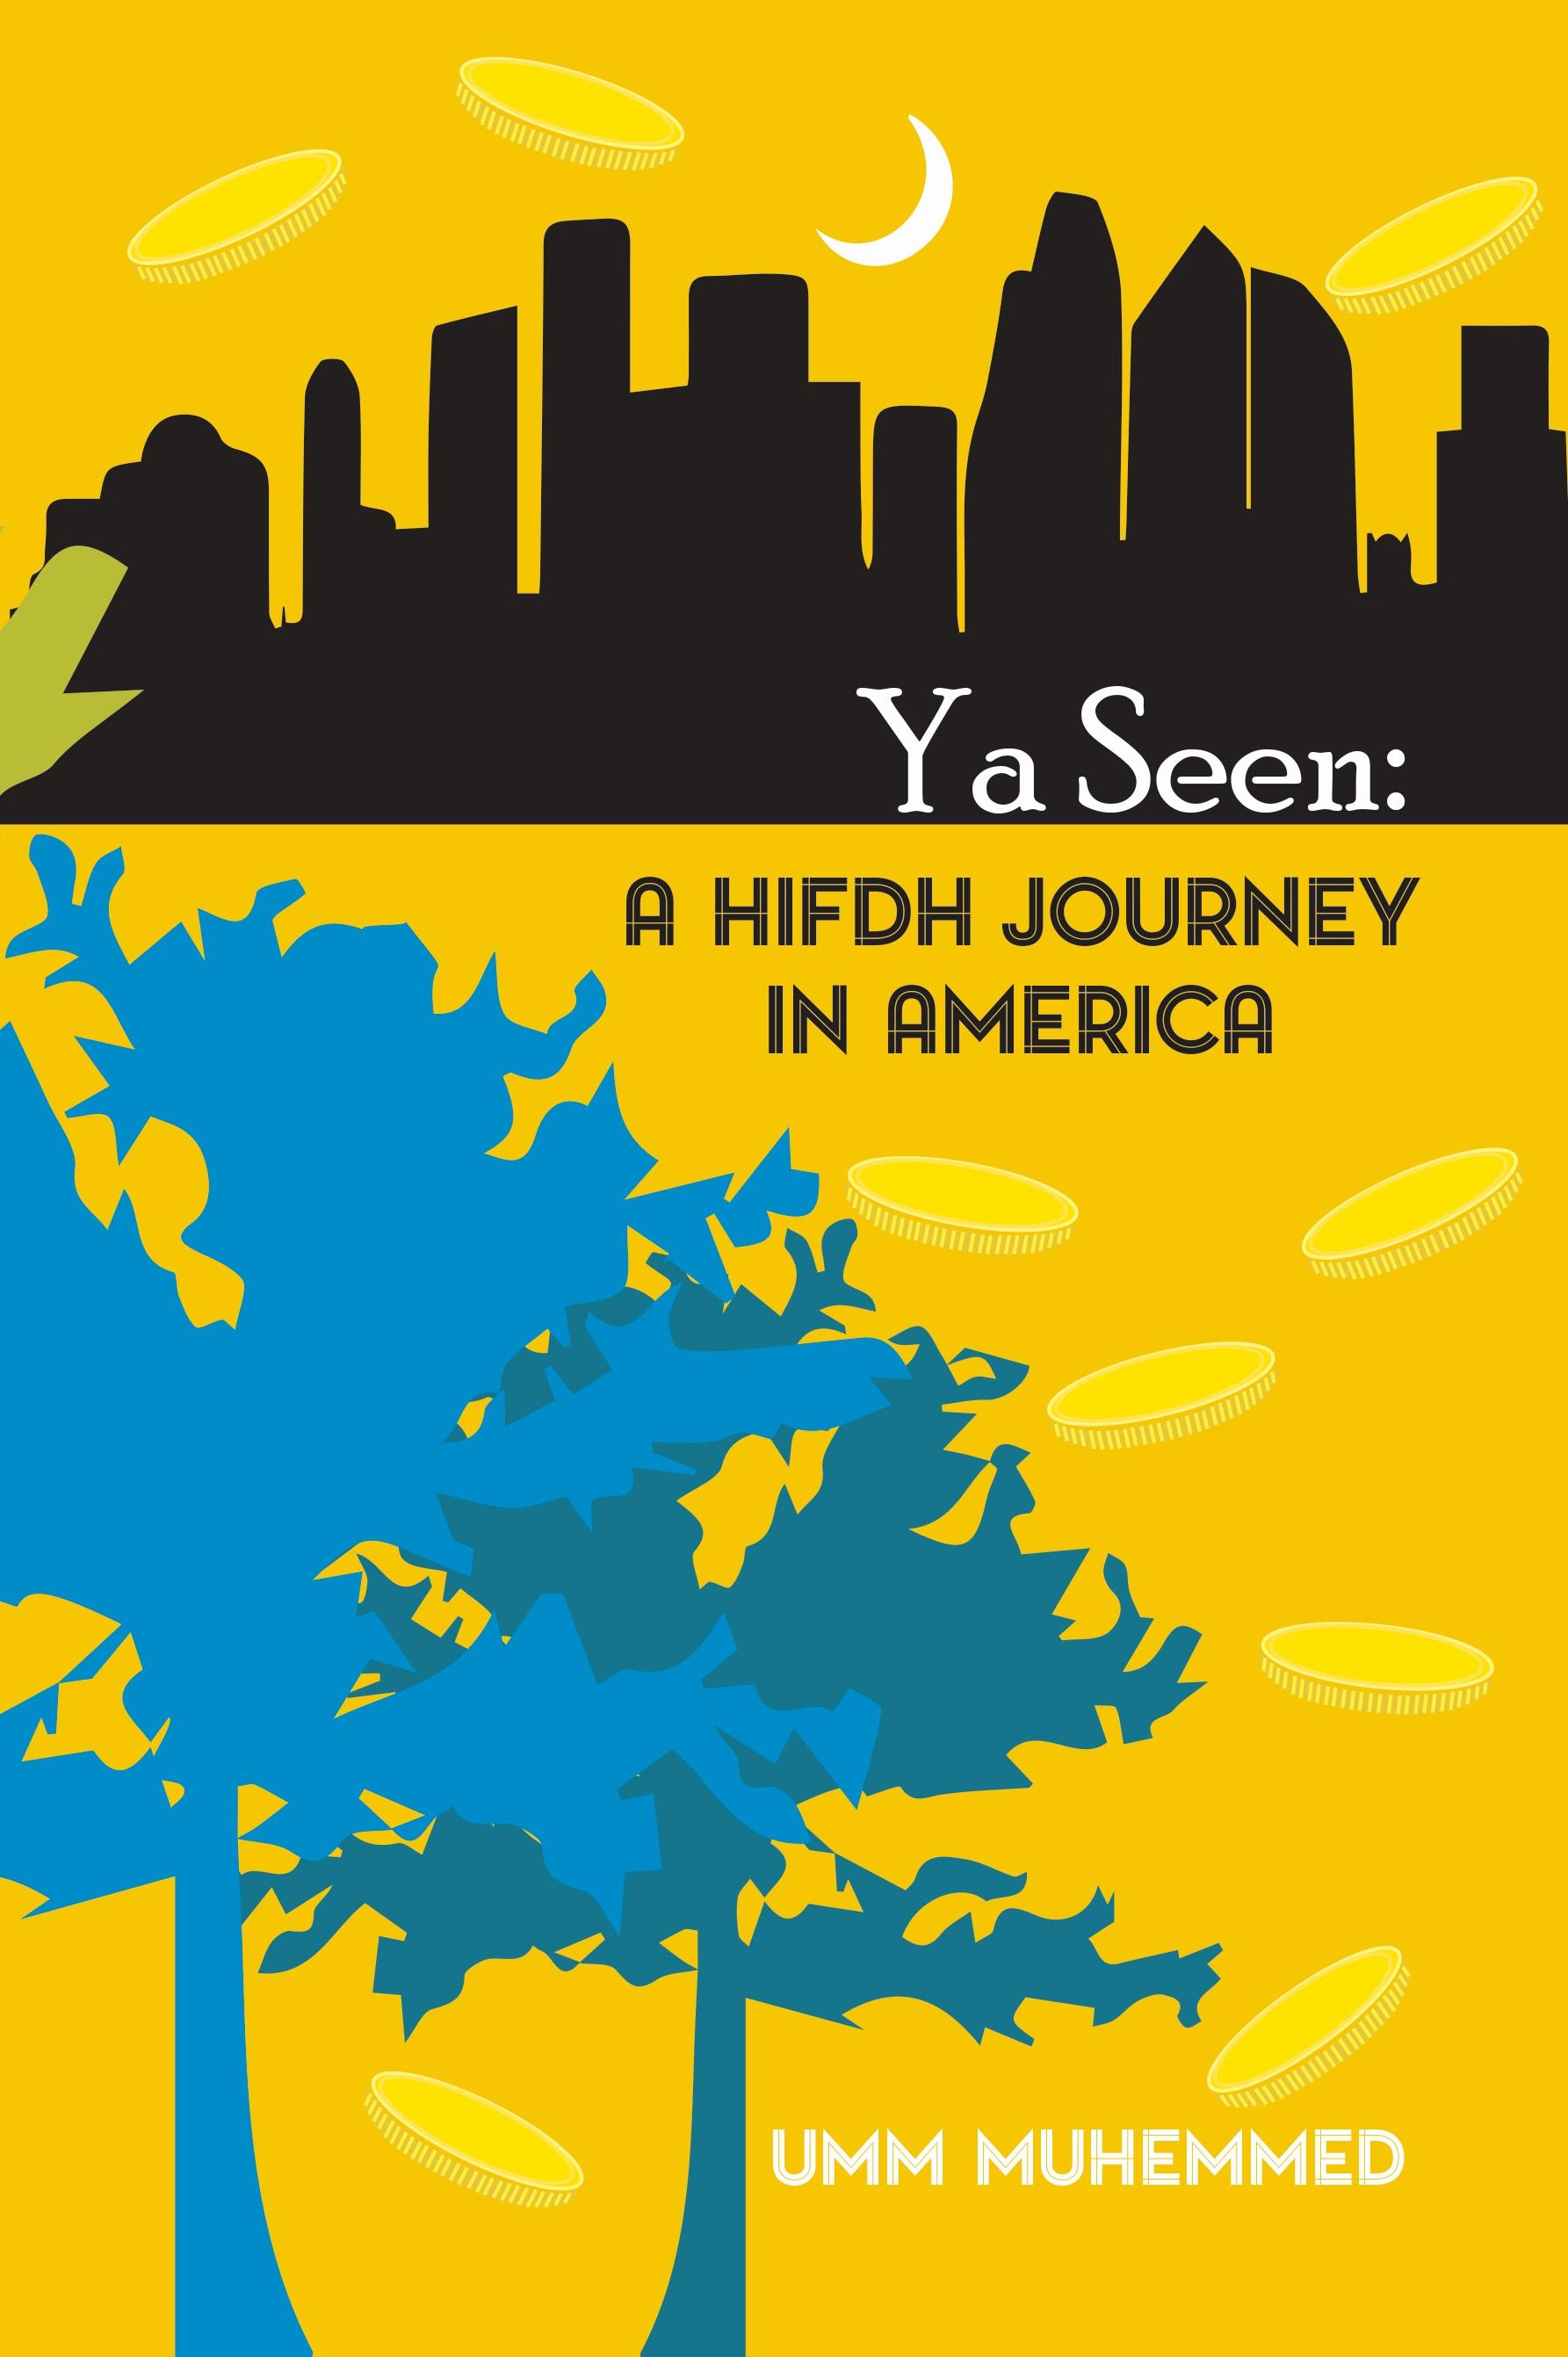 Ya Seen, a hifdh journey in America